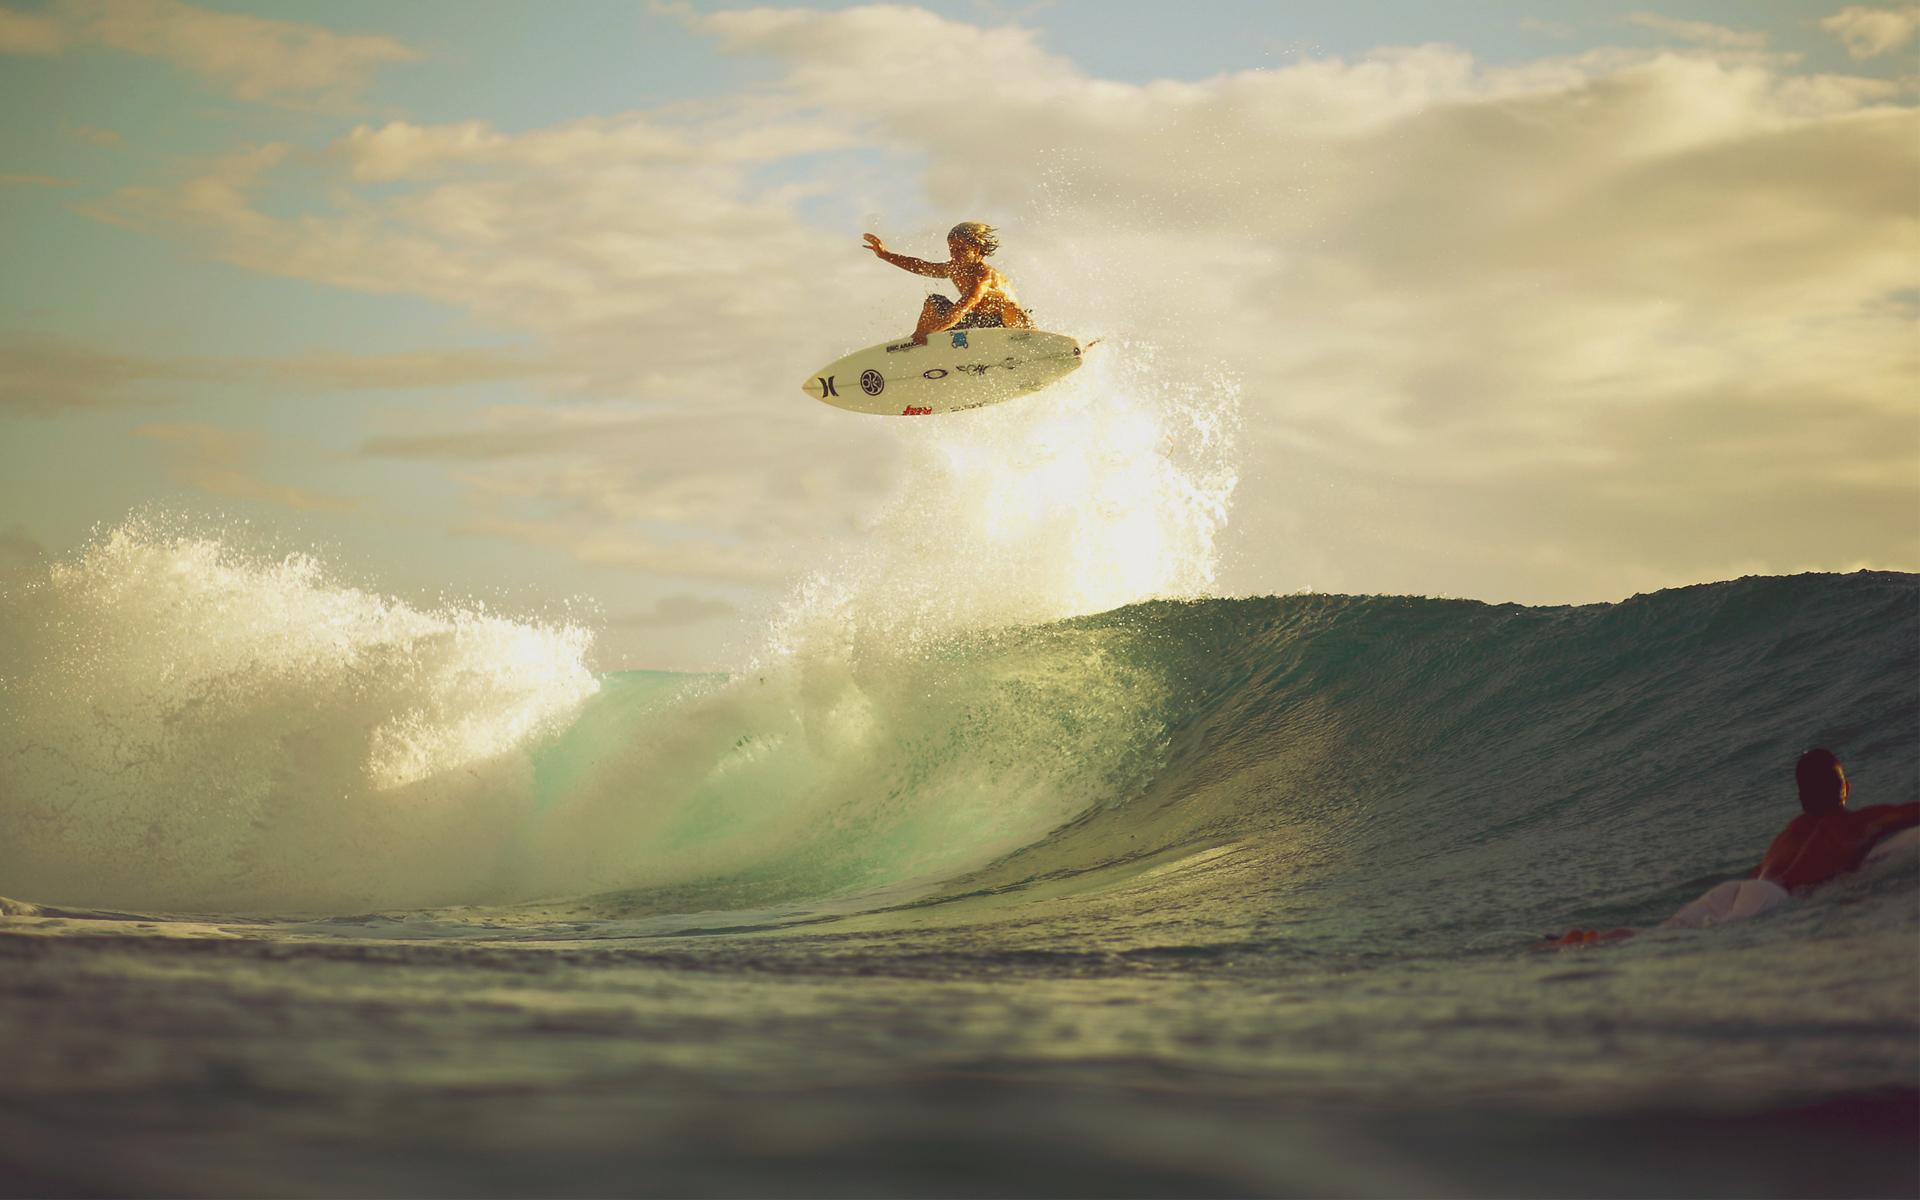 Chica saltando una ola - 1920x1200